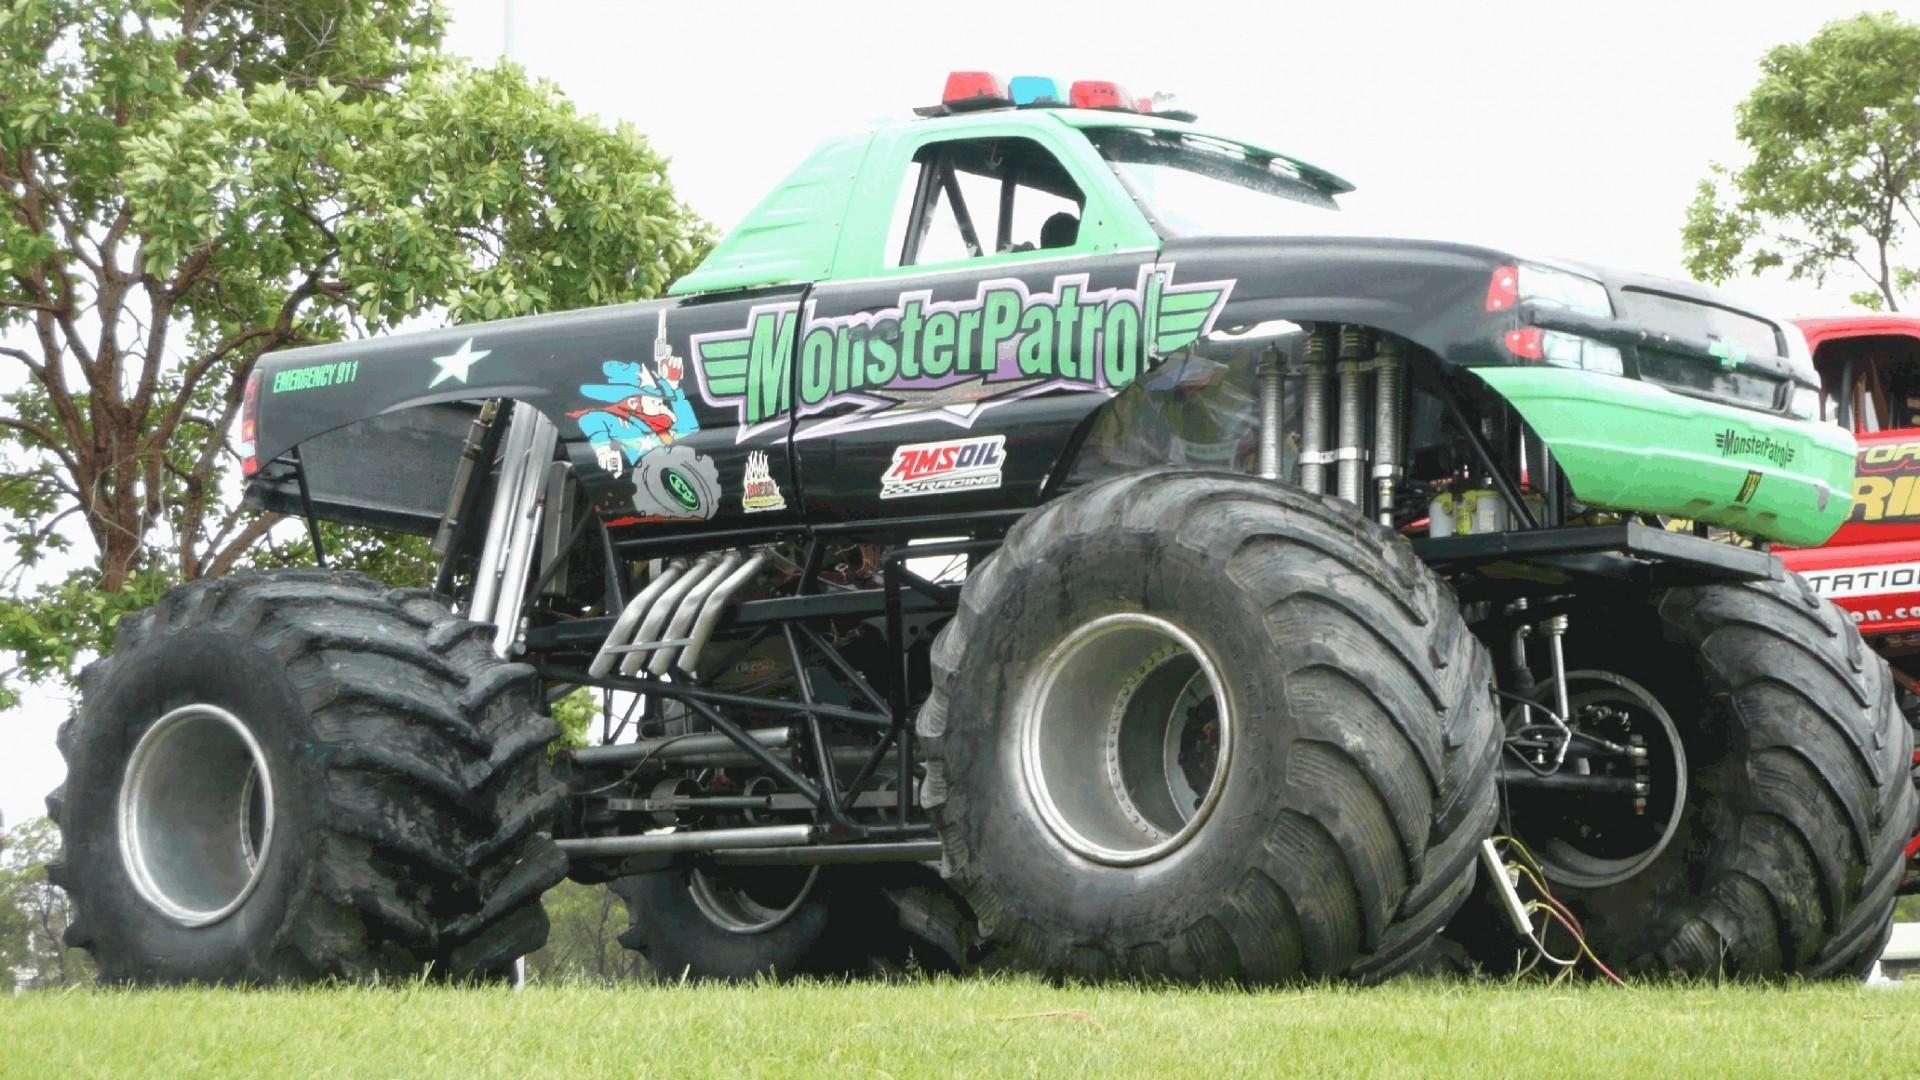 Res: 1920x1080, Monster-Truck-Racing--Wallpapers.jpg